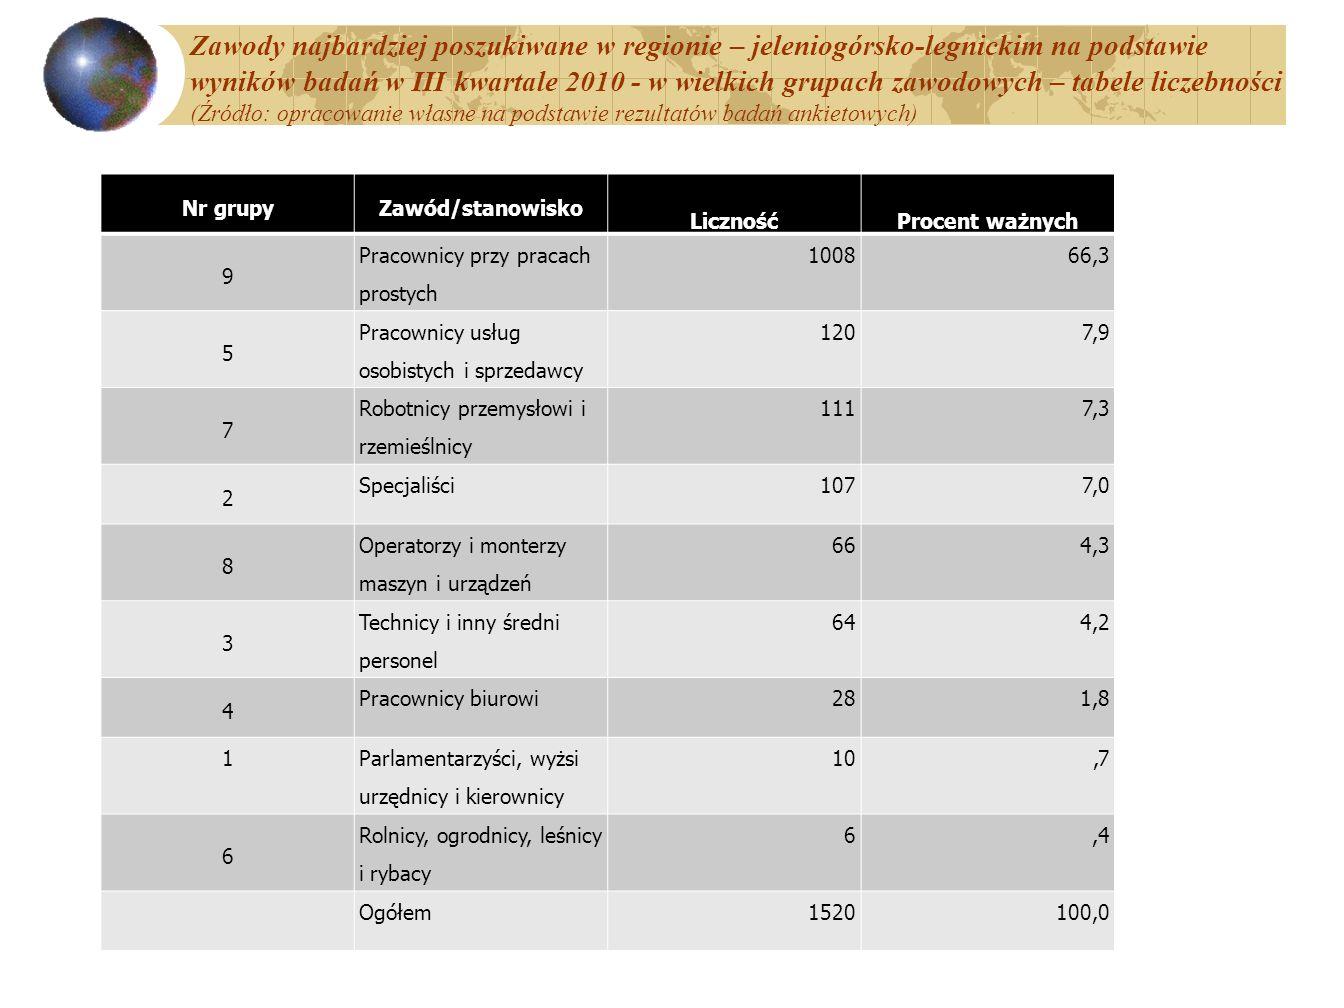 Zawody najbardziej poszukiwane w regionie – jeleniogórsko-legnickim na podstawie wyników badań w III kwartale 2010 - w wielkich grupach zawodowych – tabele liczebności (Źródło: opracowanie własne na podstawie rezultatów badań ankietowych)